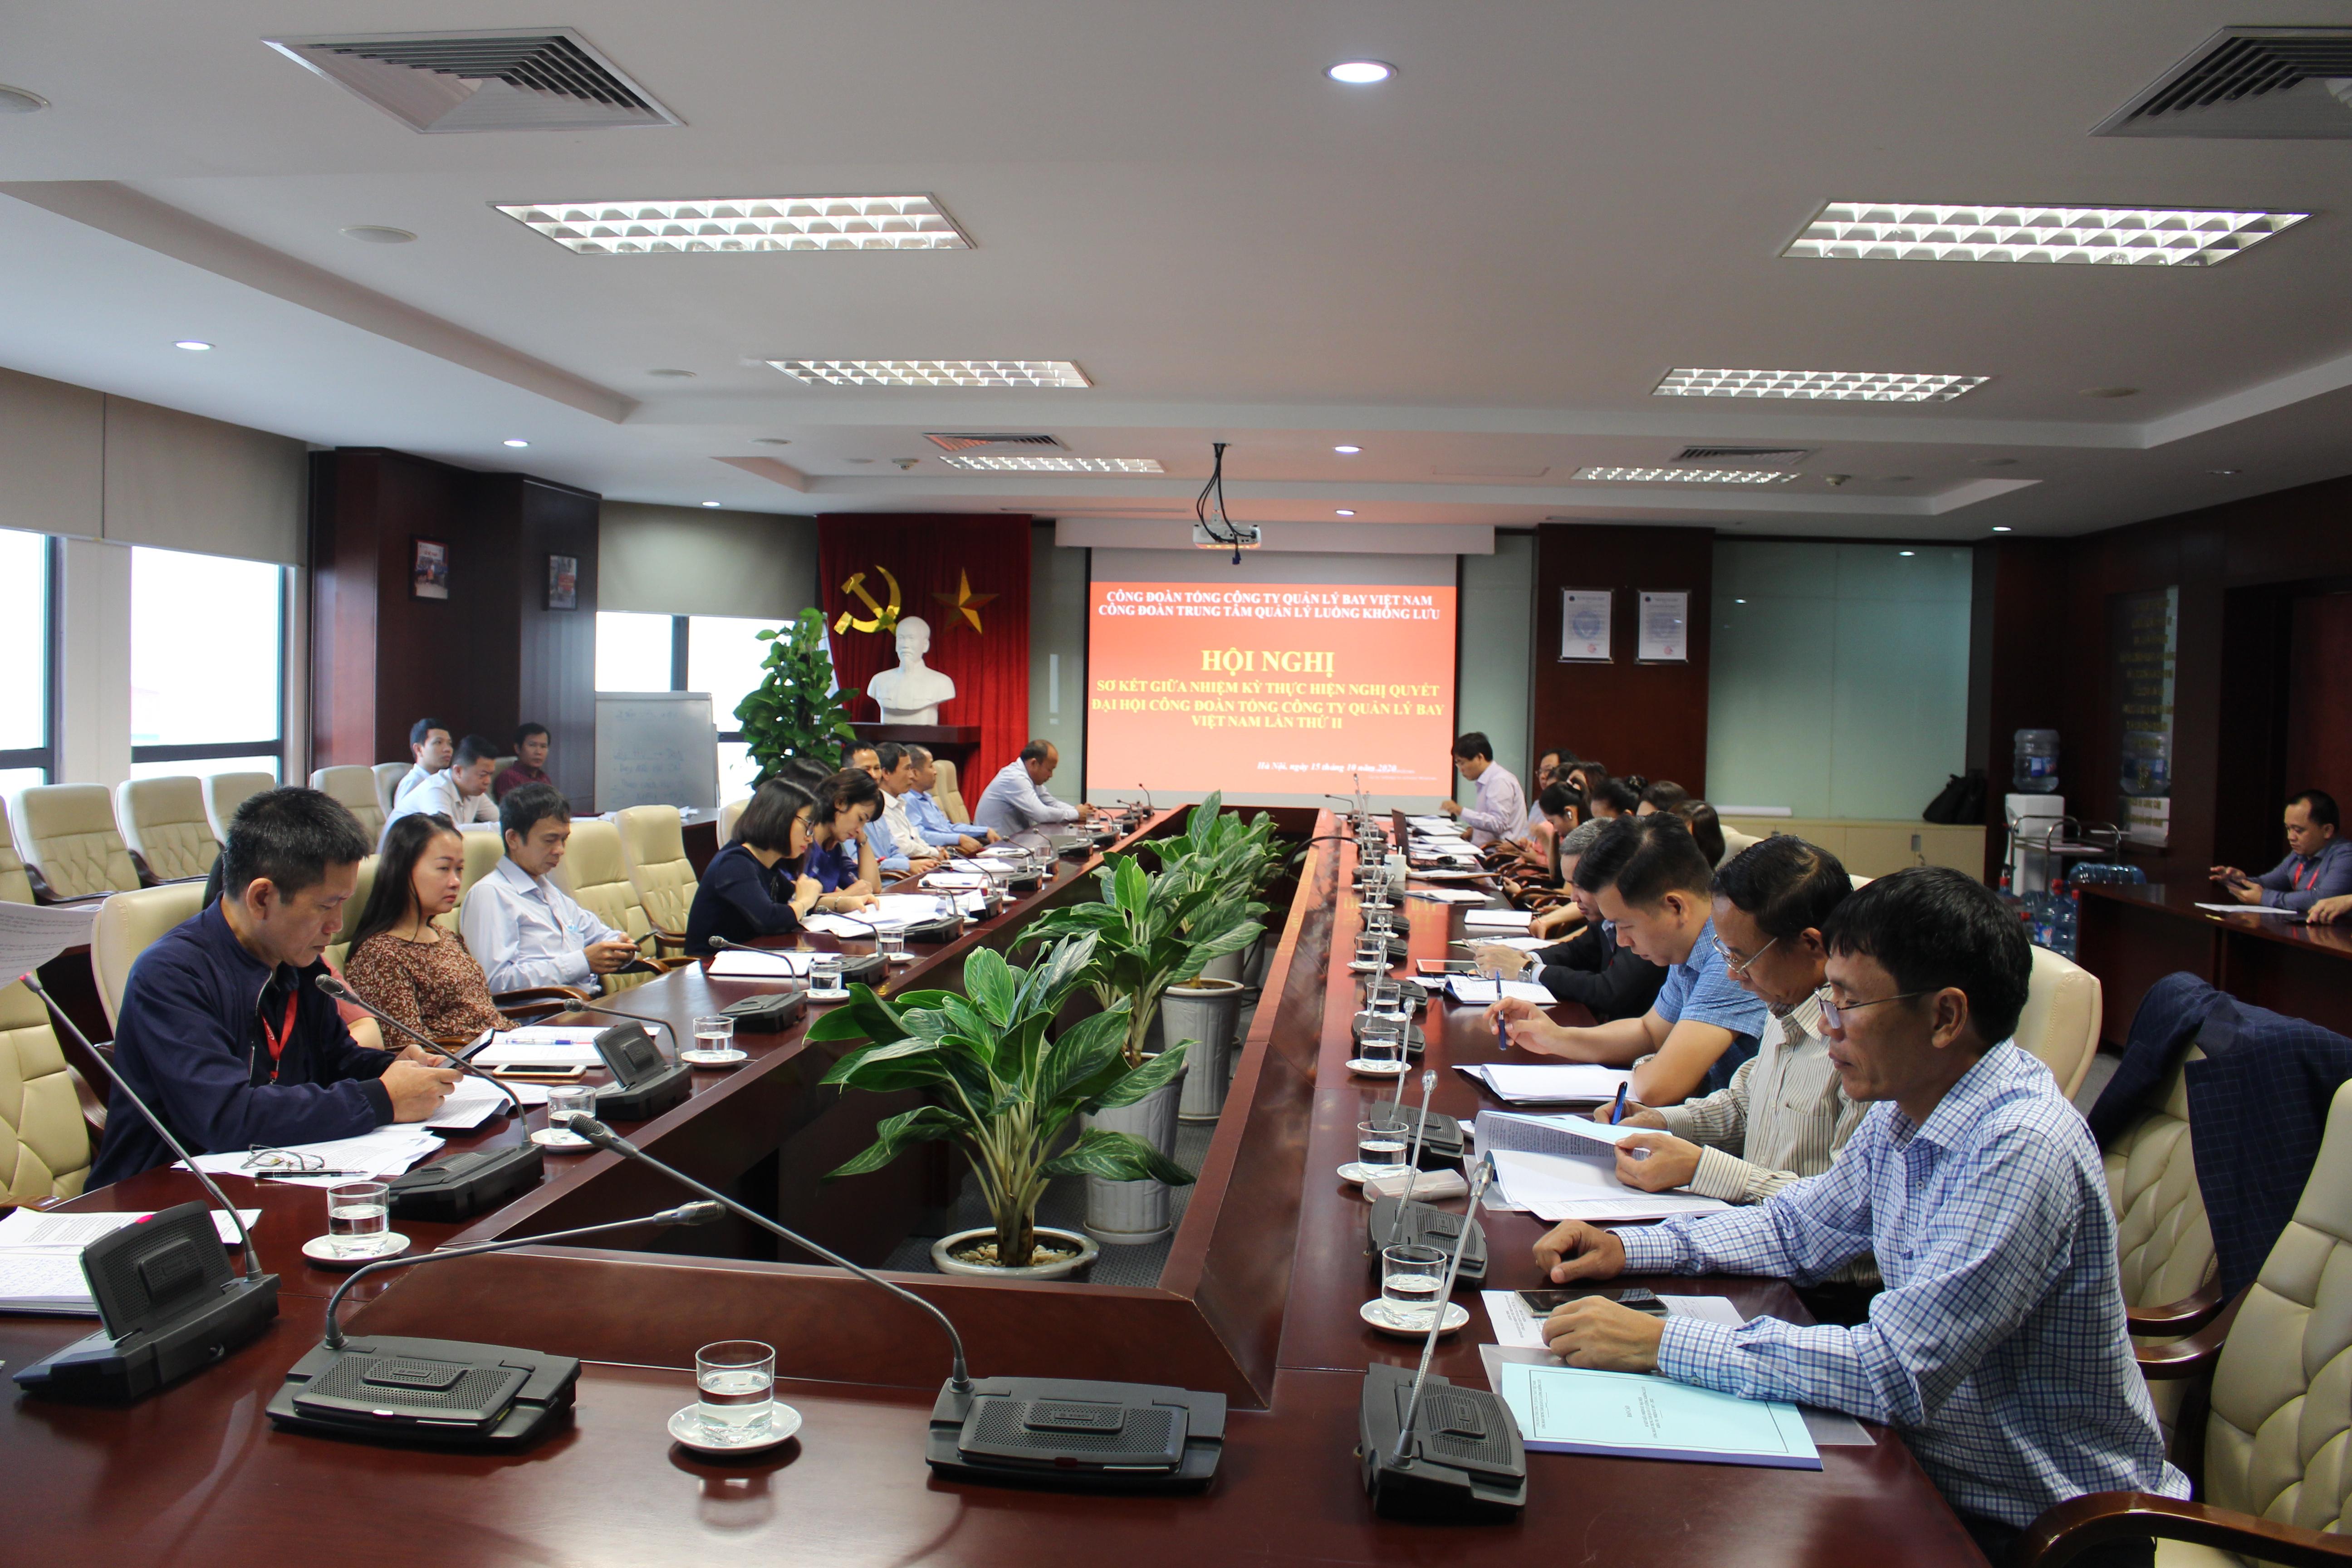 Công đoàn Trung tâm Quản lý luồng không lưu tổ chức Hội nghị sơ kết giữa nhiệm kỳ 2017 - 2022